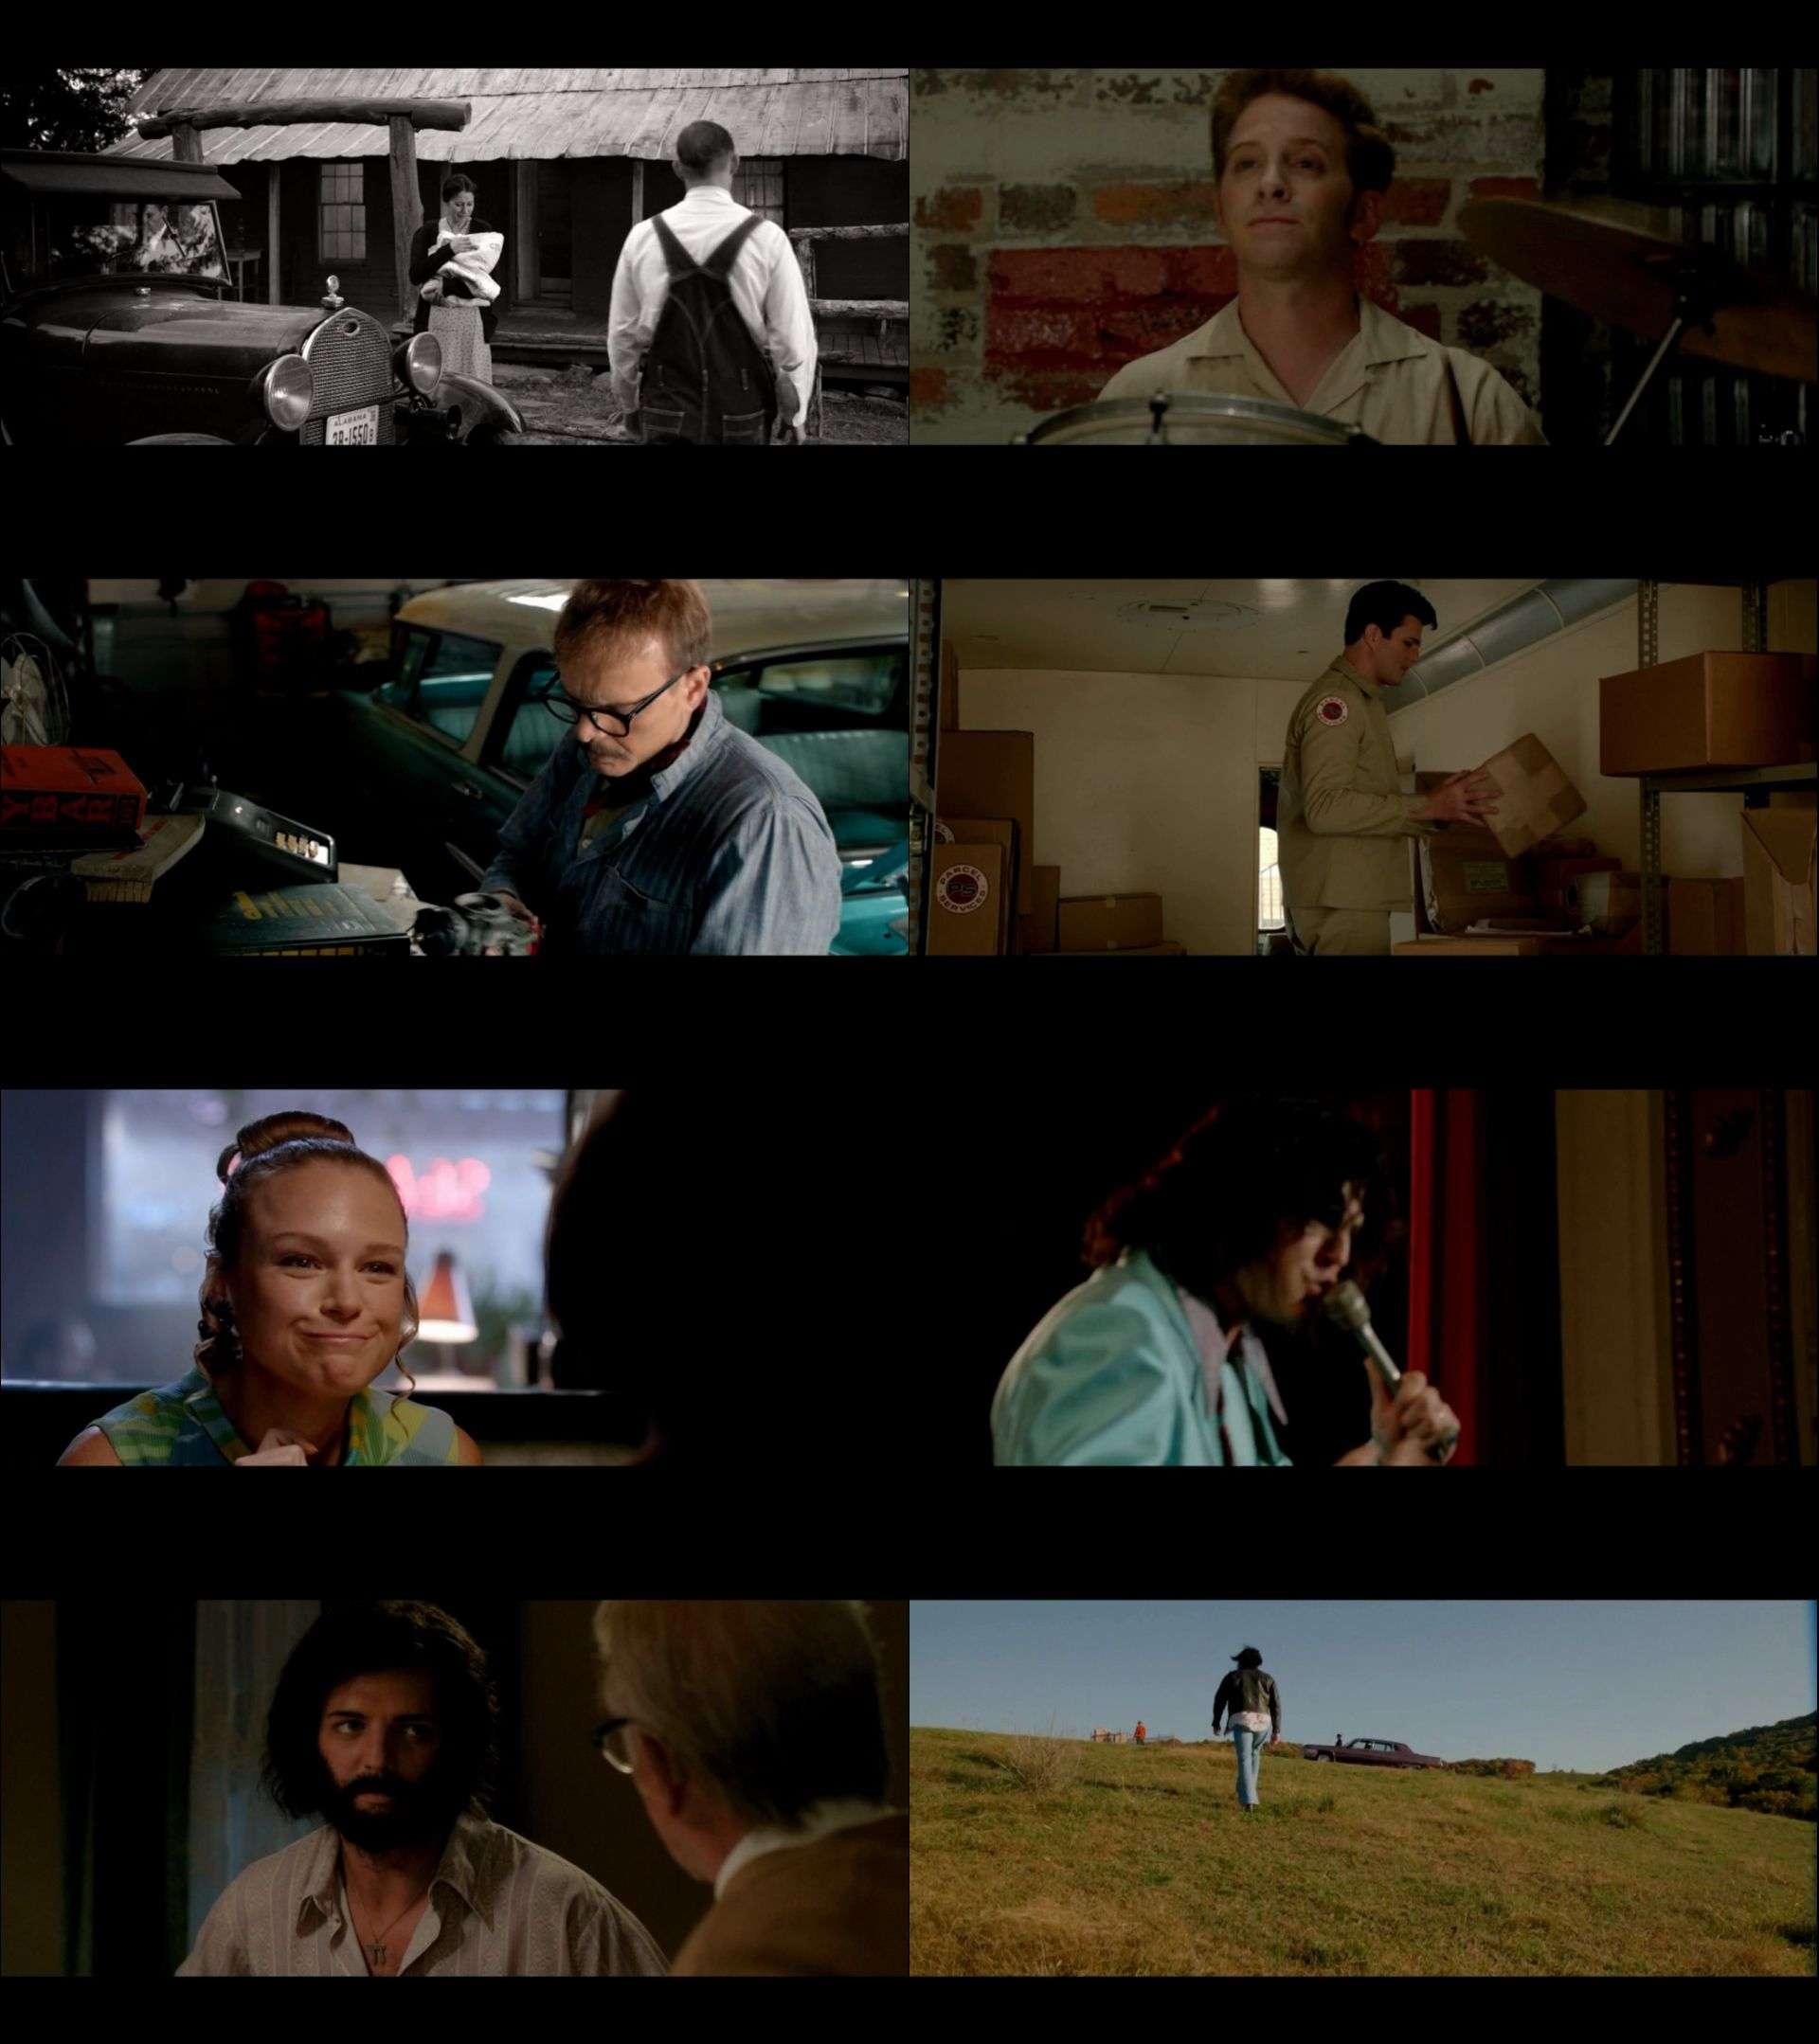 Benzer Sesler - The Identical (2014) türkçe dublaj film indir